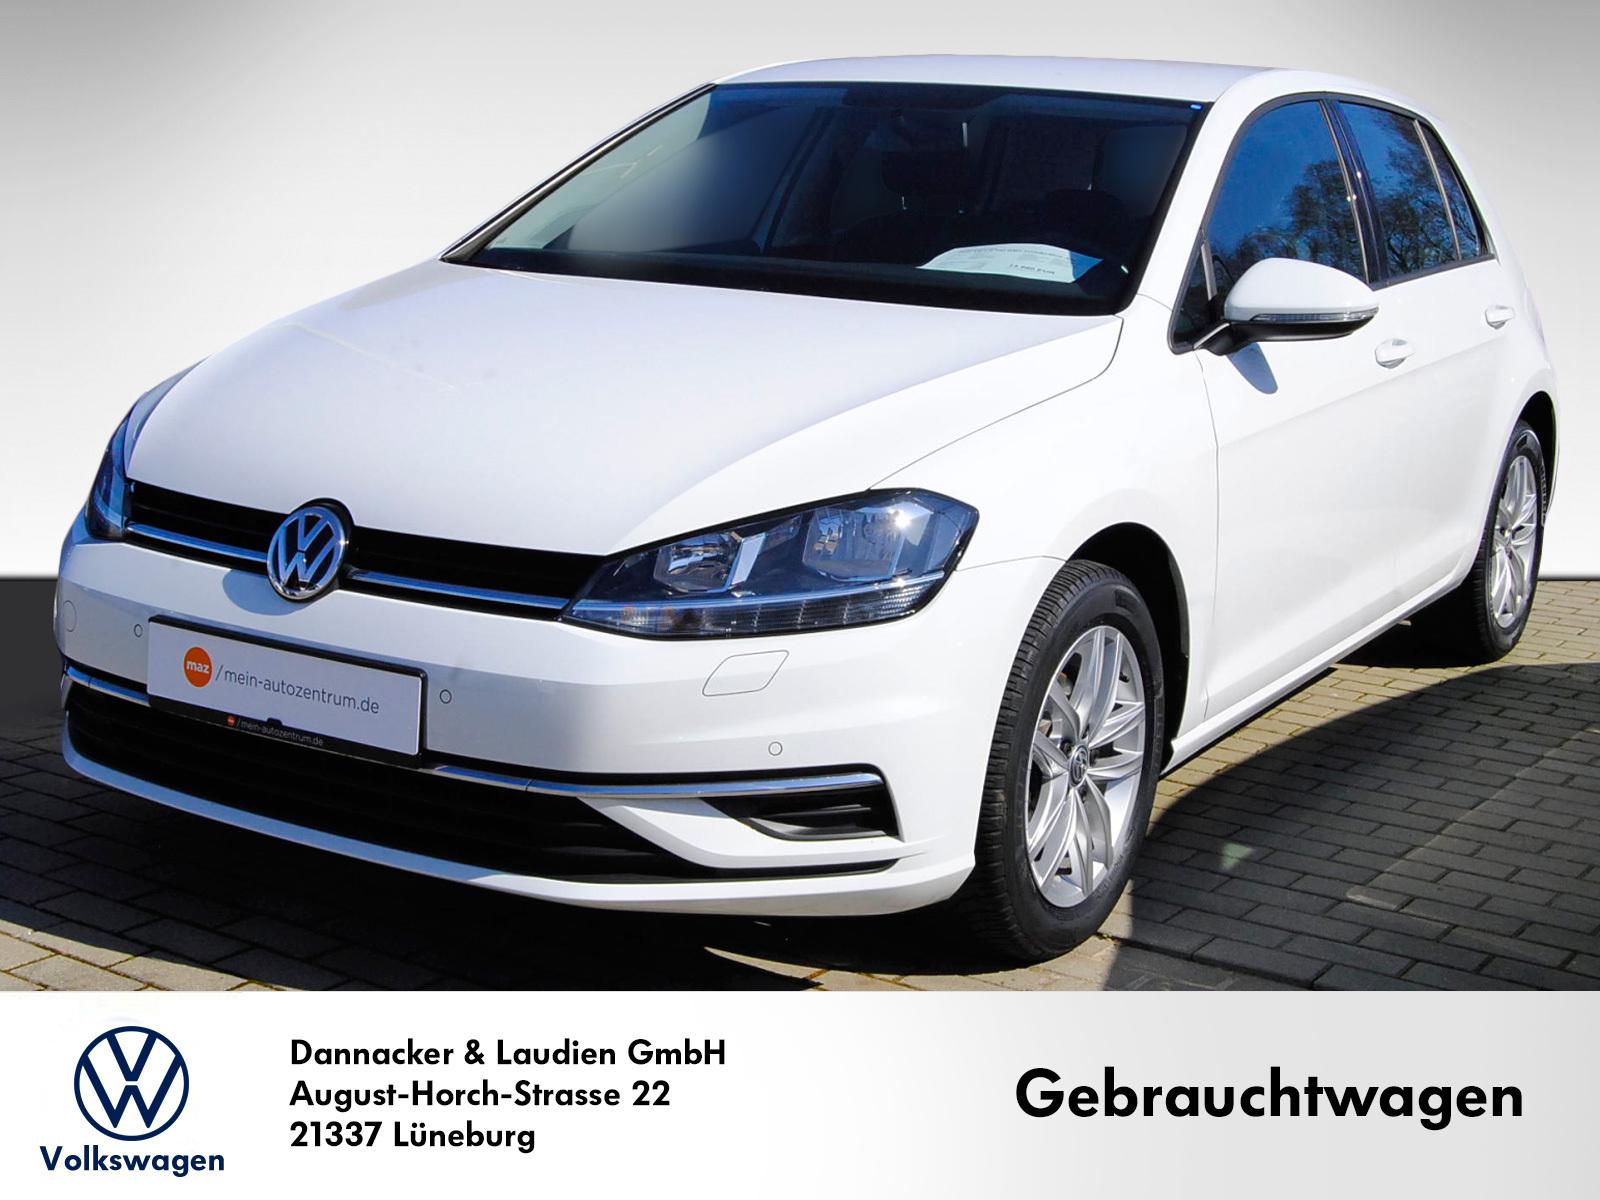 Volkswagen Golf VII 1.0 TSI BMT Comfortline Alu Klima NaviTouch PDC Sitzh. FrontAssist, Jahr 2017, Benzin